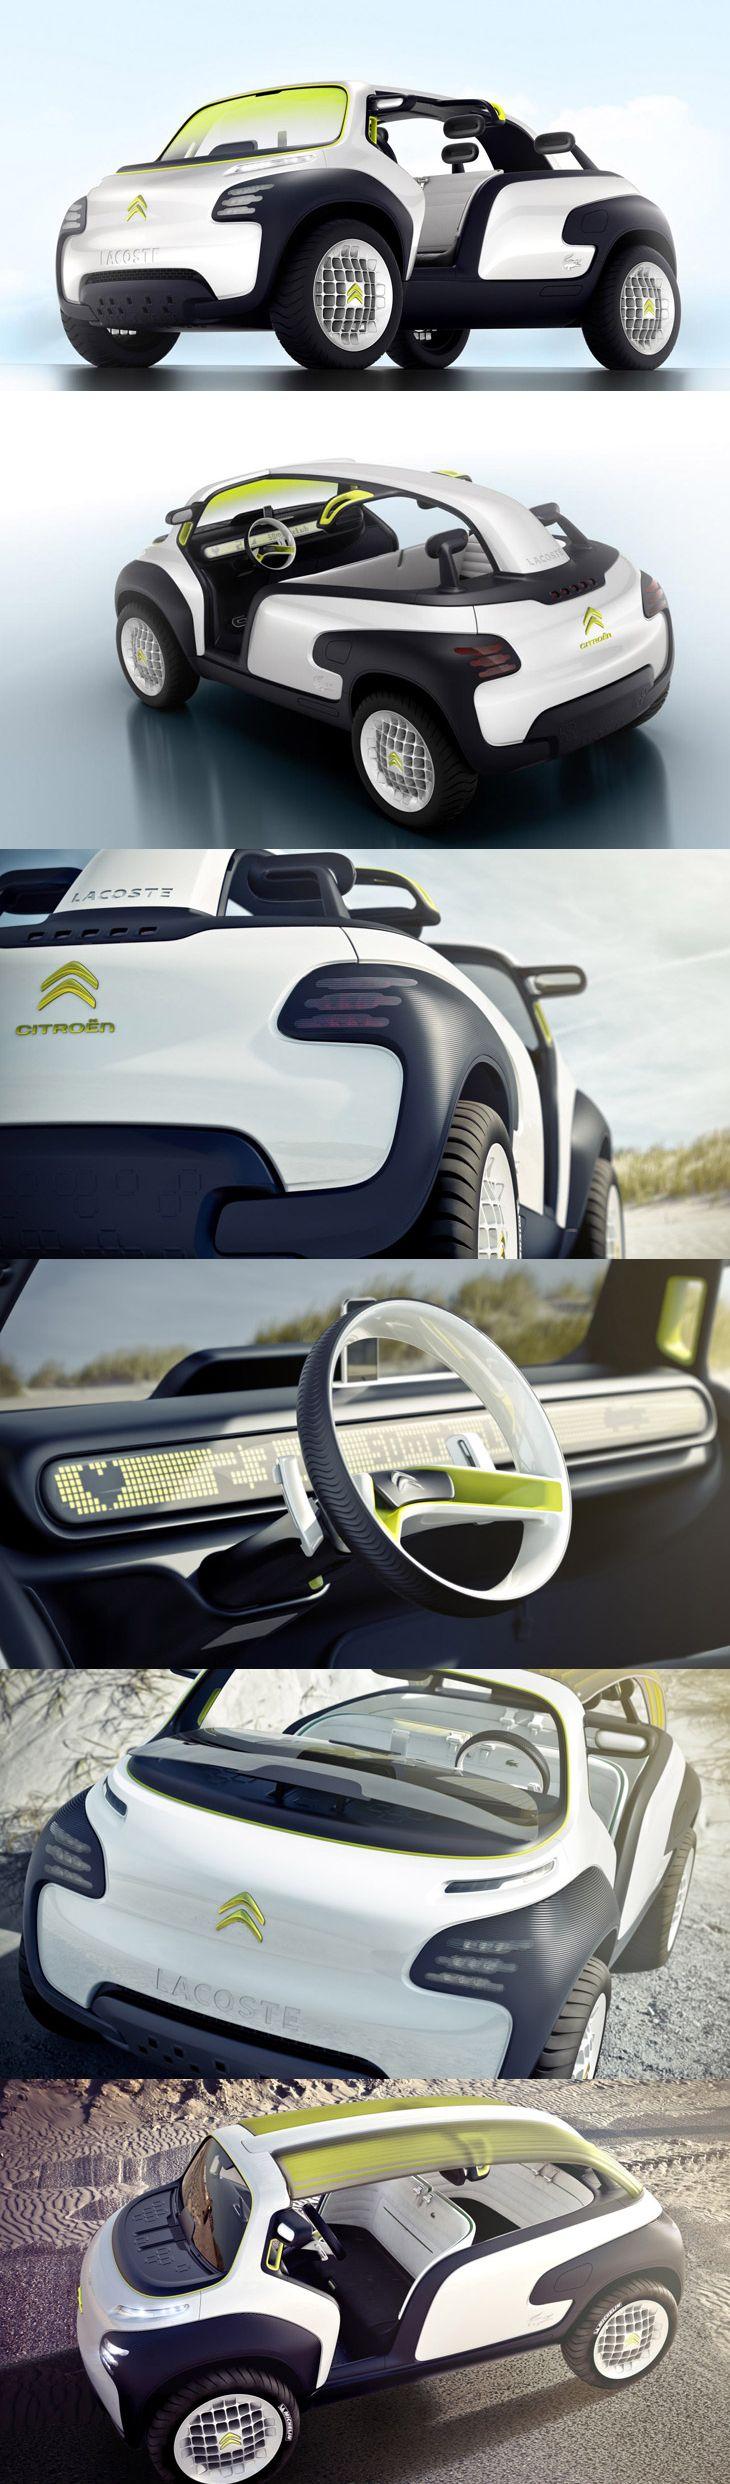 Citroën + Lacoste = funny future car! lol